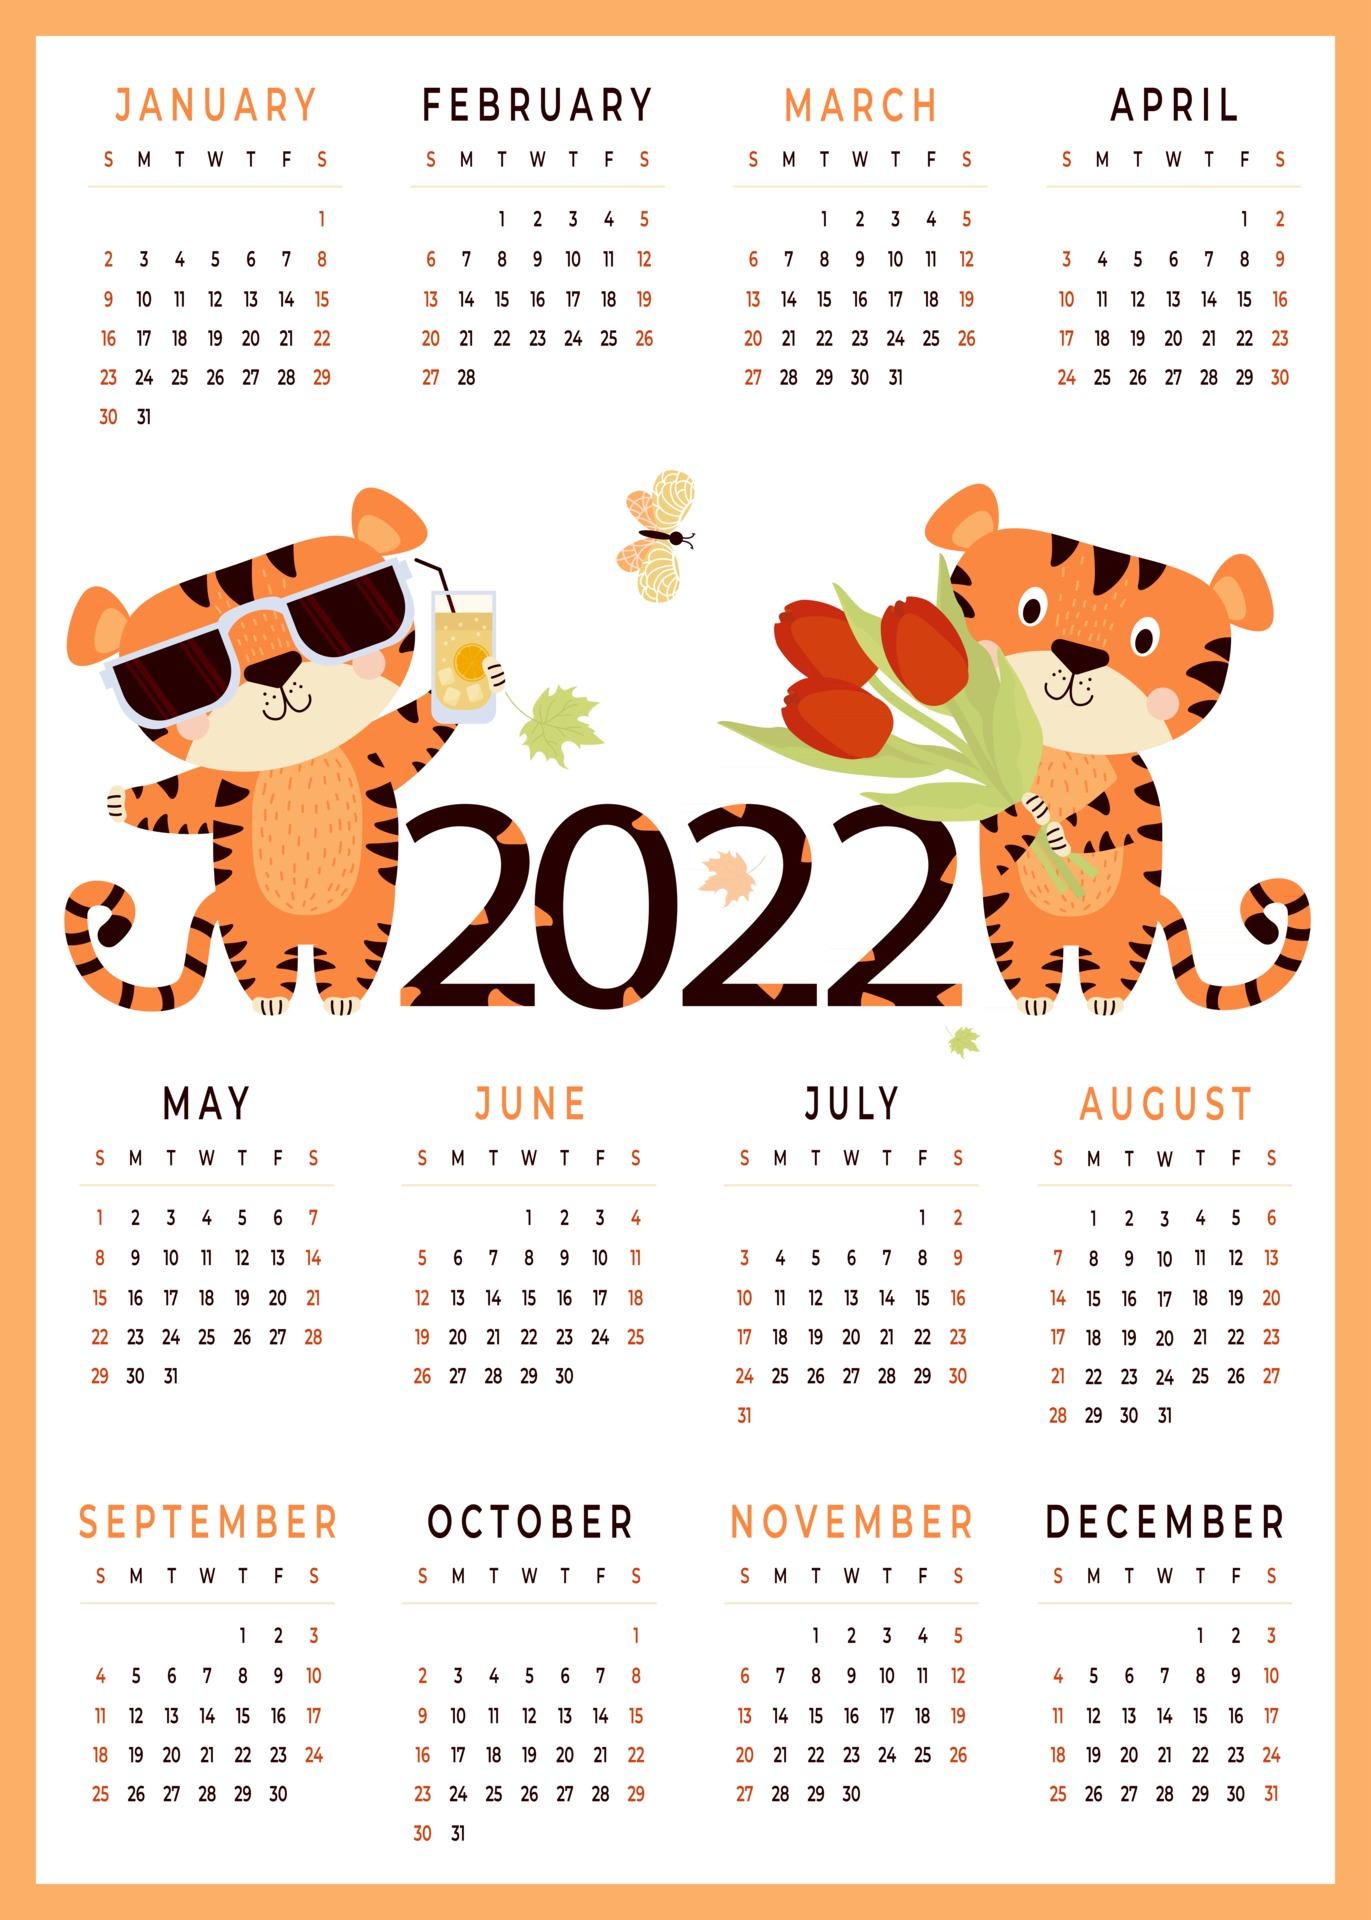 Calendrier Enfant 2022 Calendrier 2022 pour enfants 2022 avec modèle vertical de